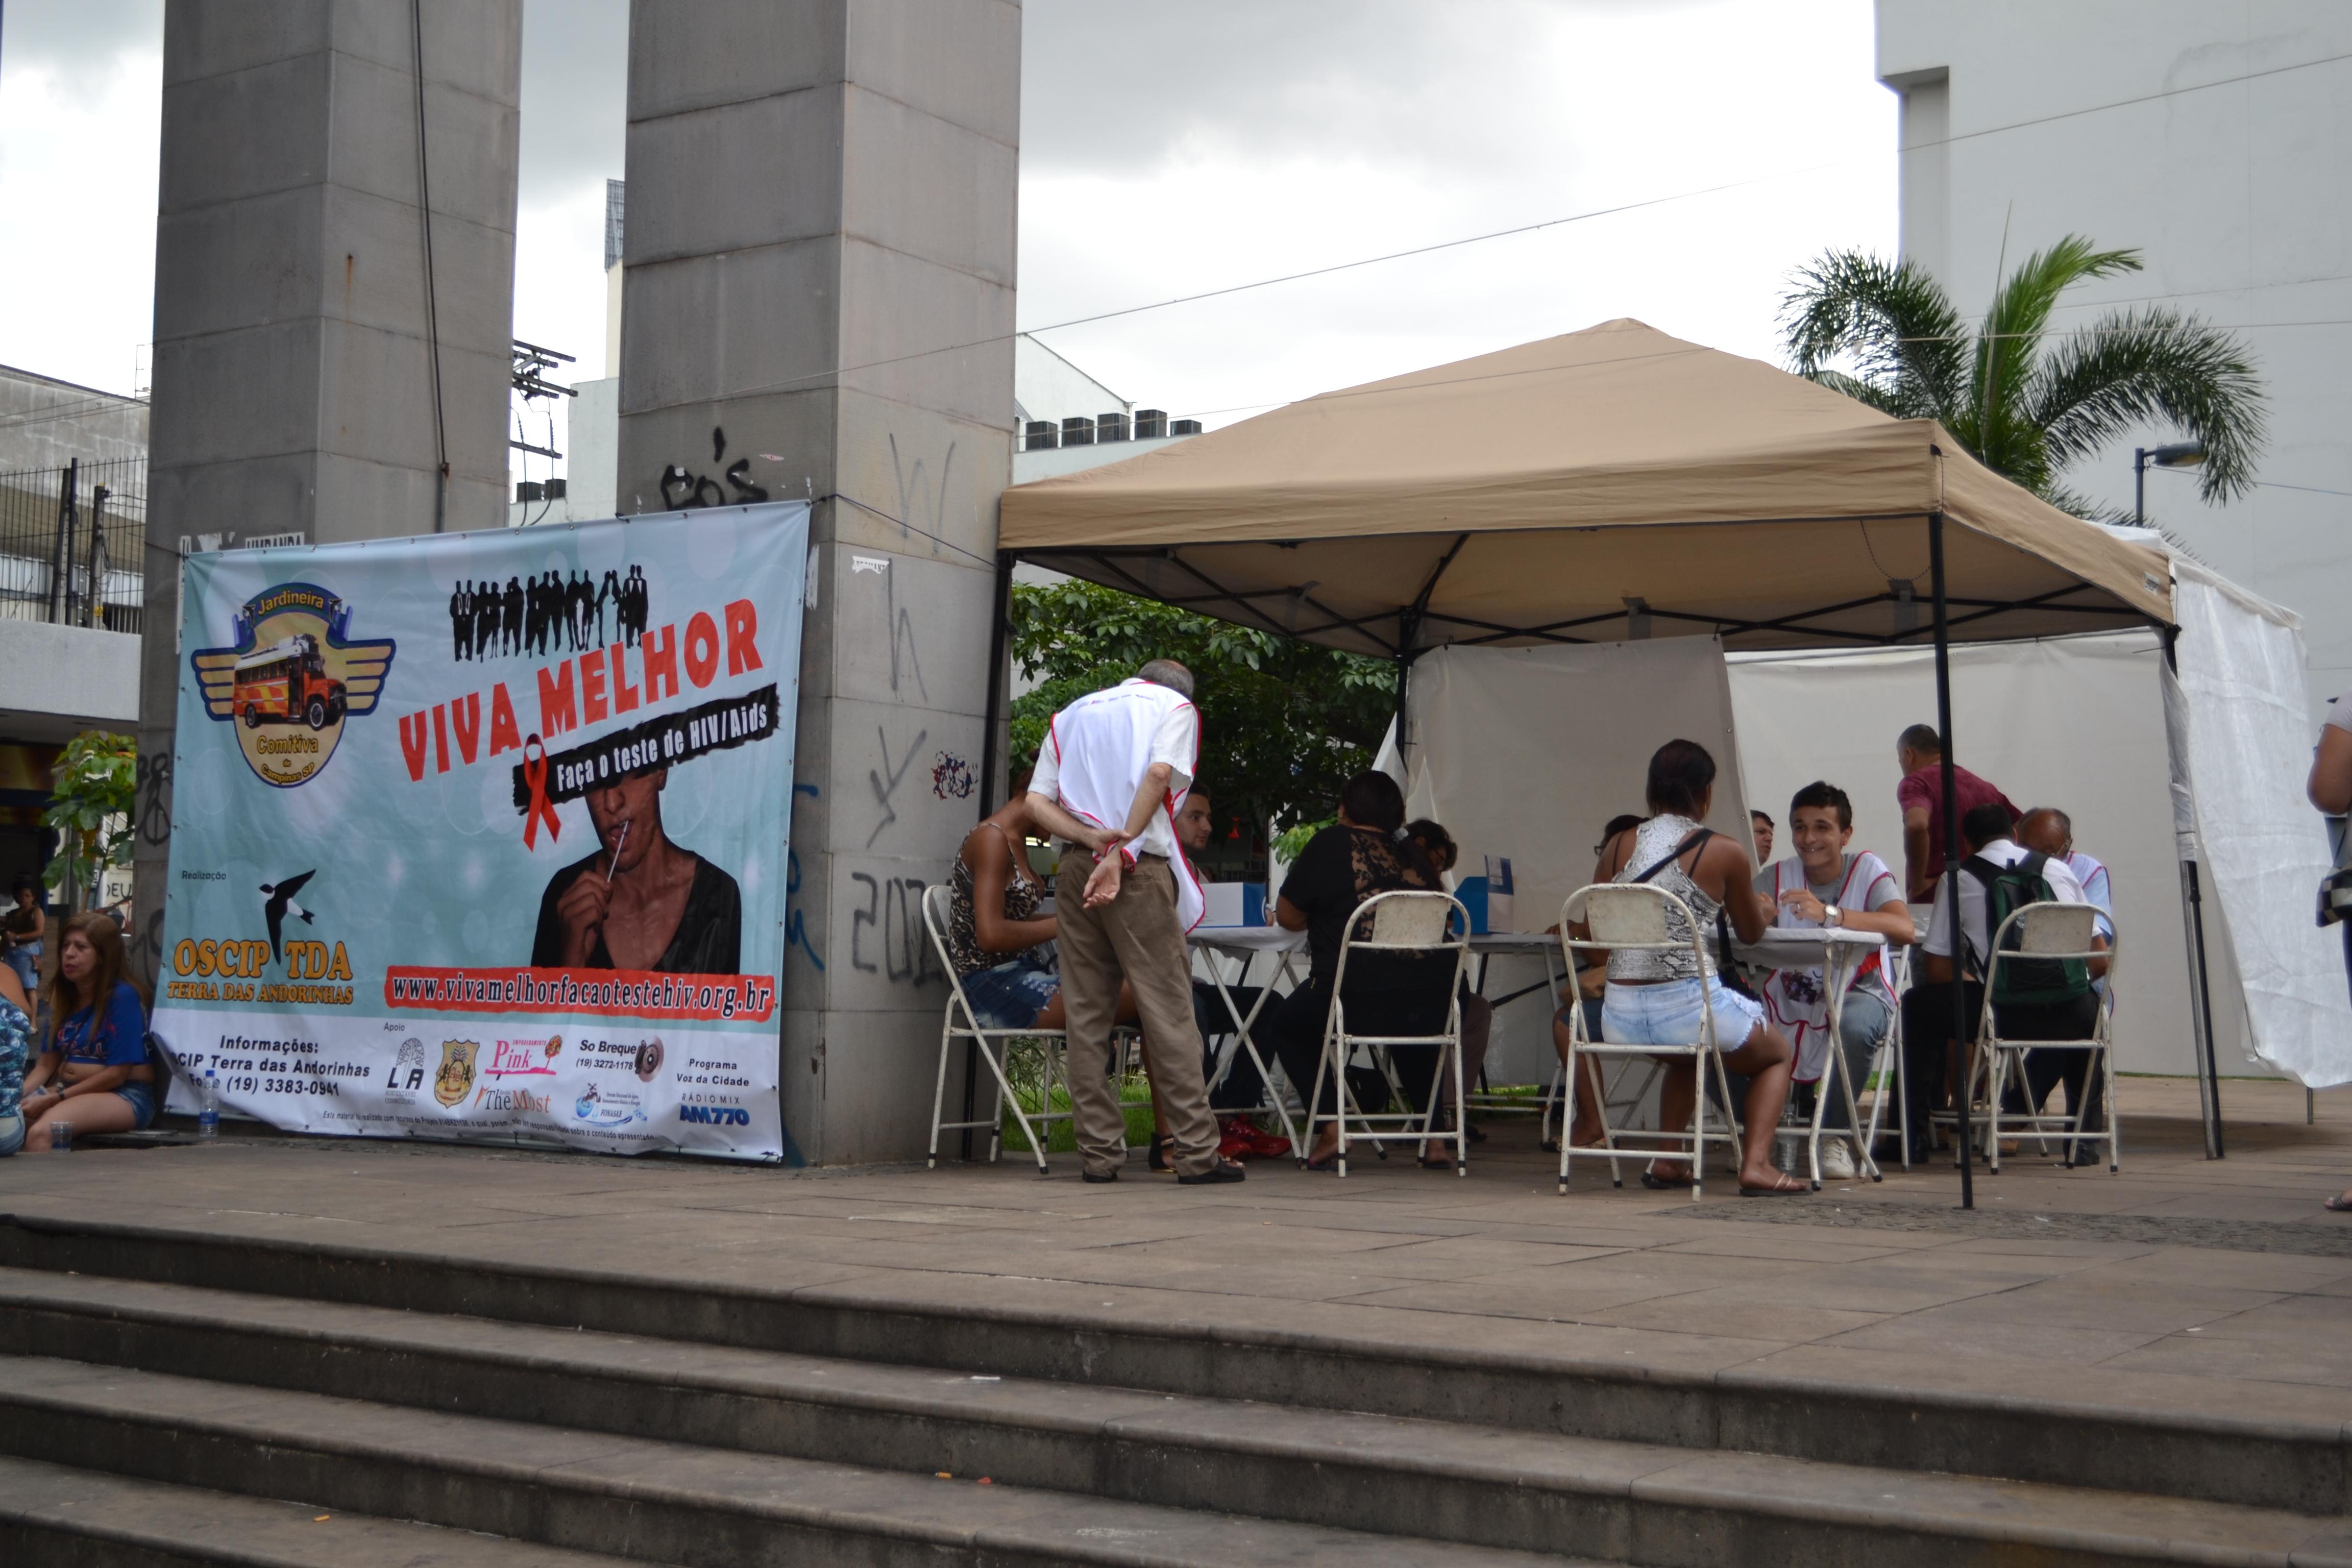 Viva Melhor - Faça Teste de HIV/AIDS